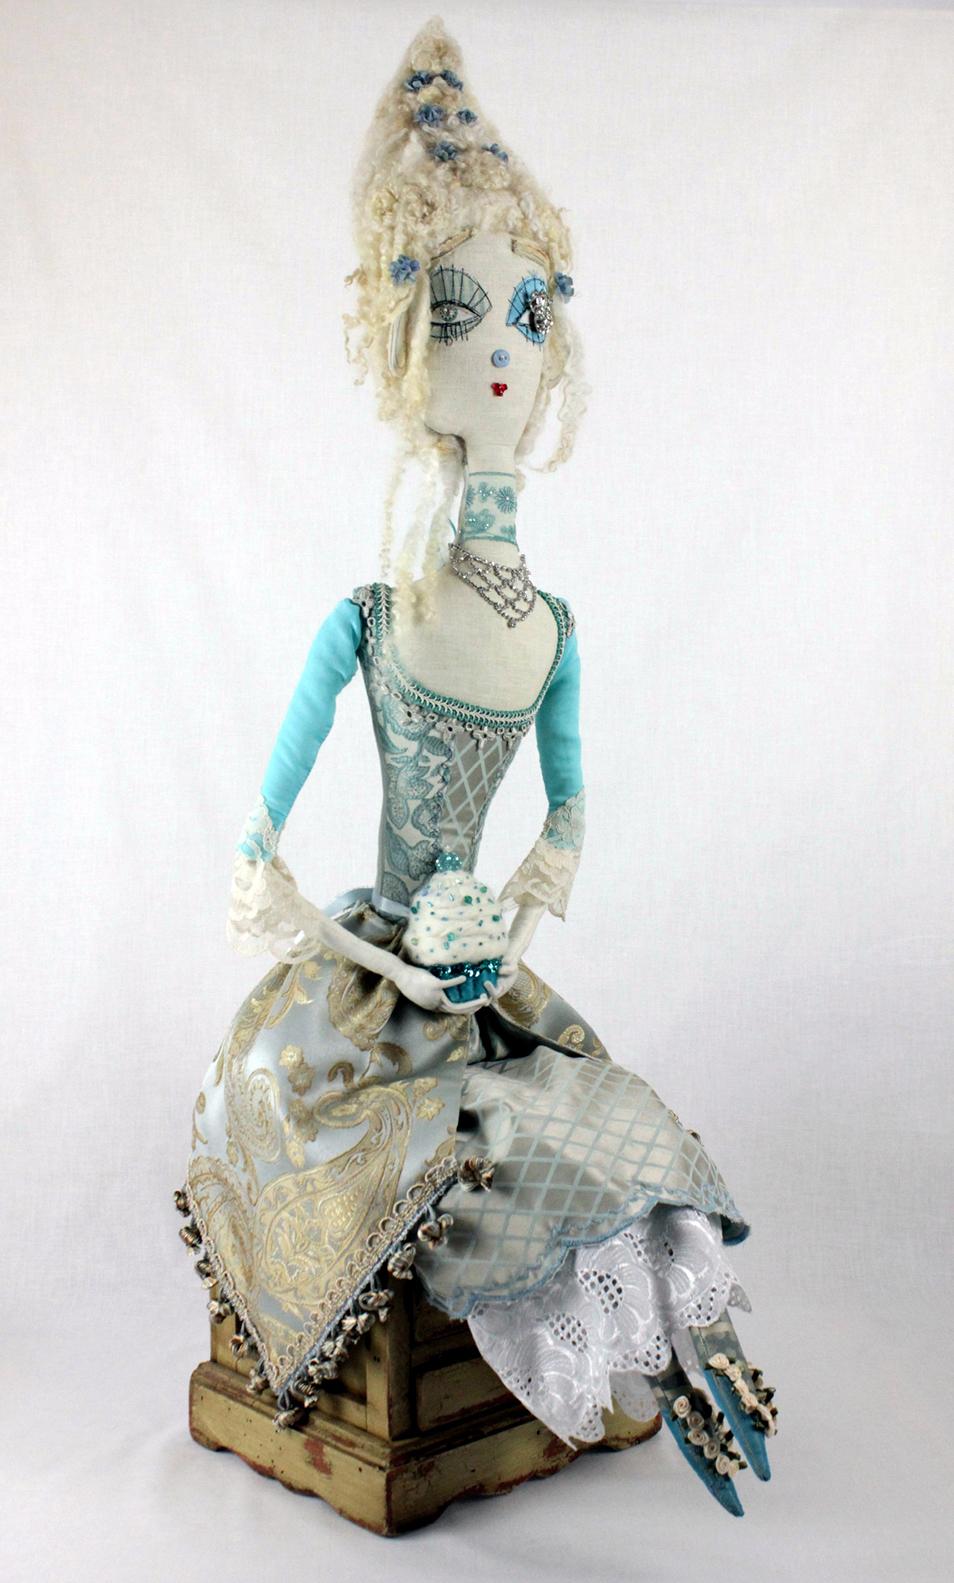 Storybook Marie Antoinette